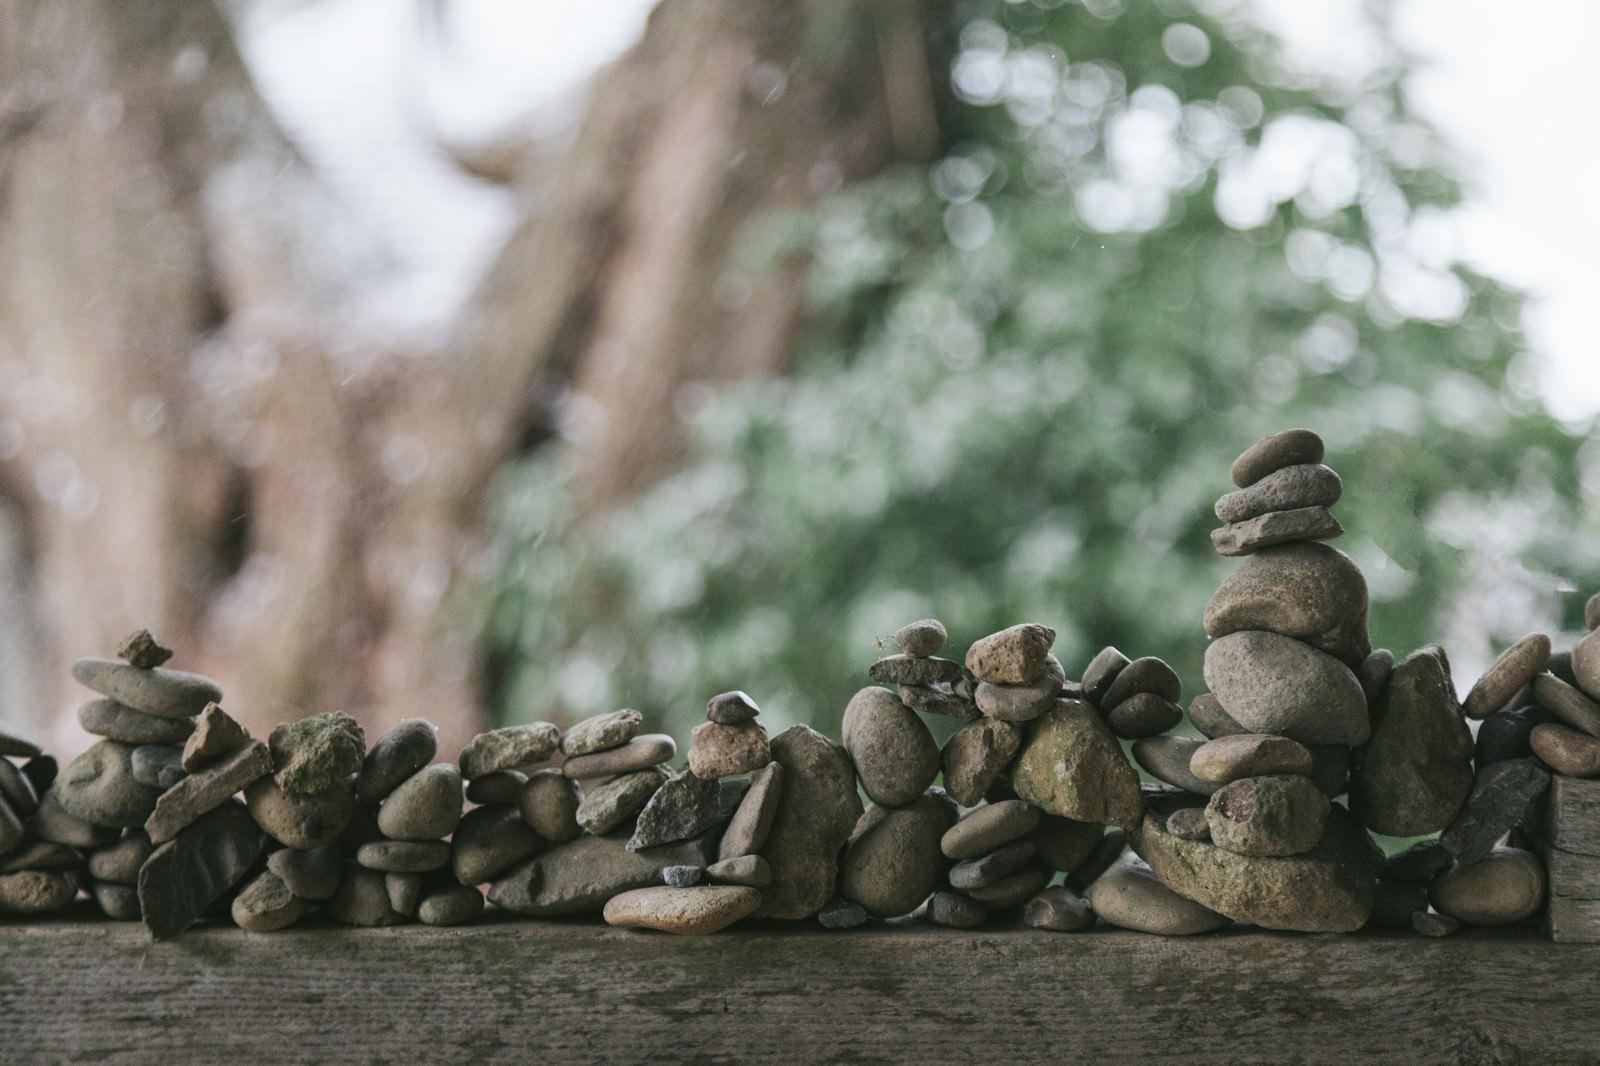 「中尊寺 白山神社能舞台の門にあった積石中尊寺 白山神社能舞台の門にあった積石」のフリー写真素材を拡大